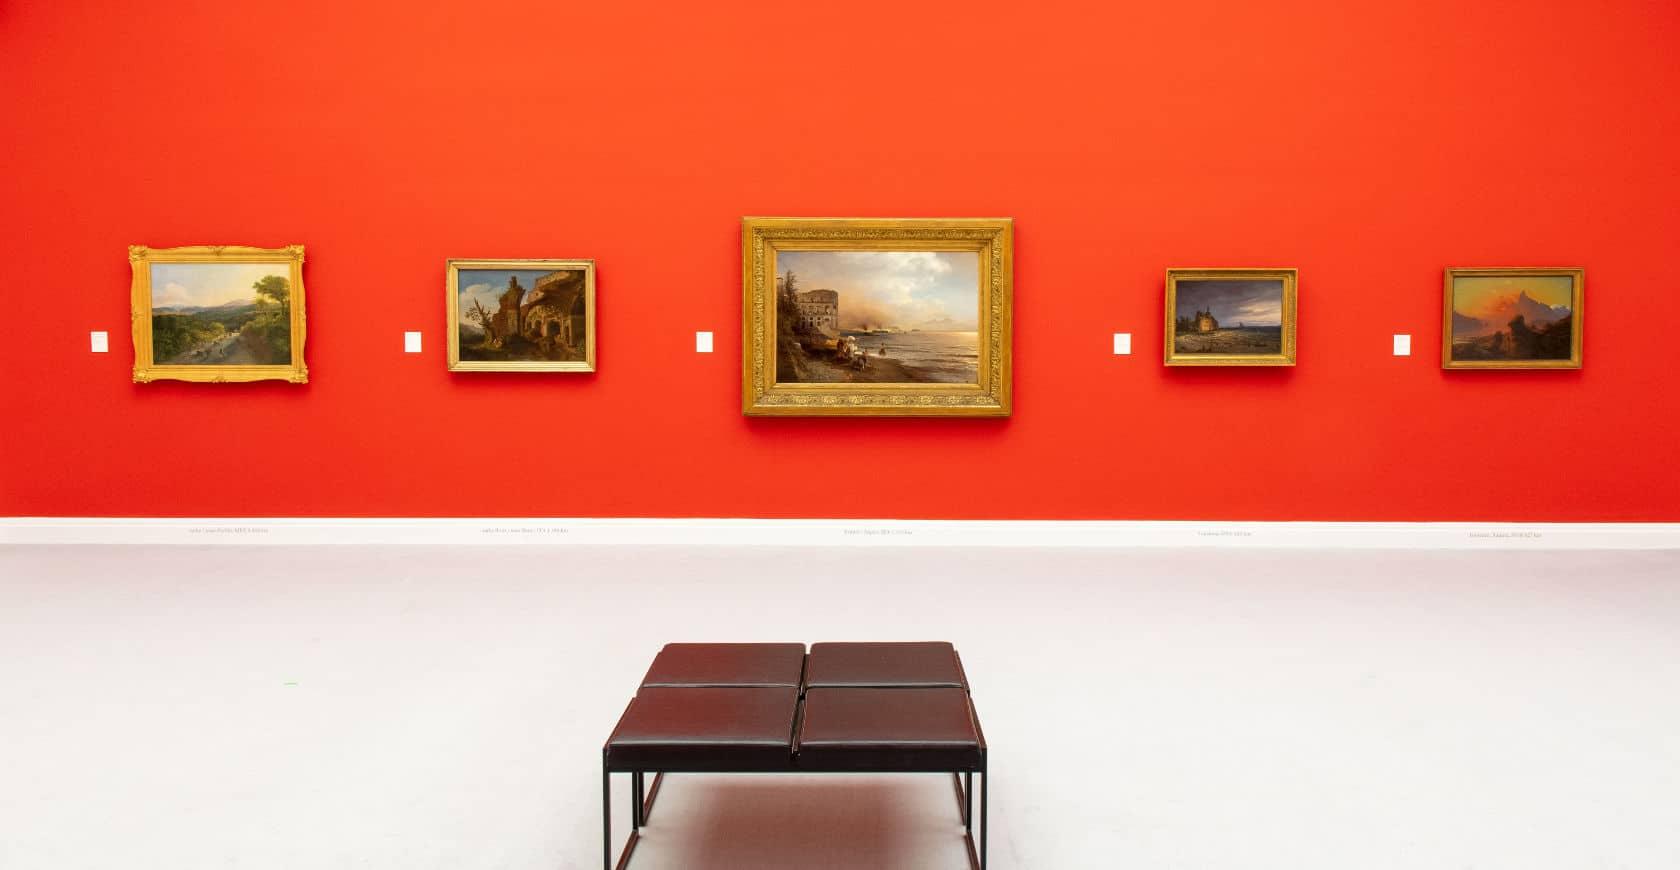 kunsthalle kiel orange wand Museum